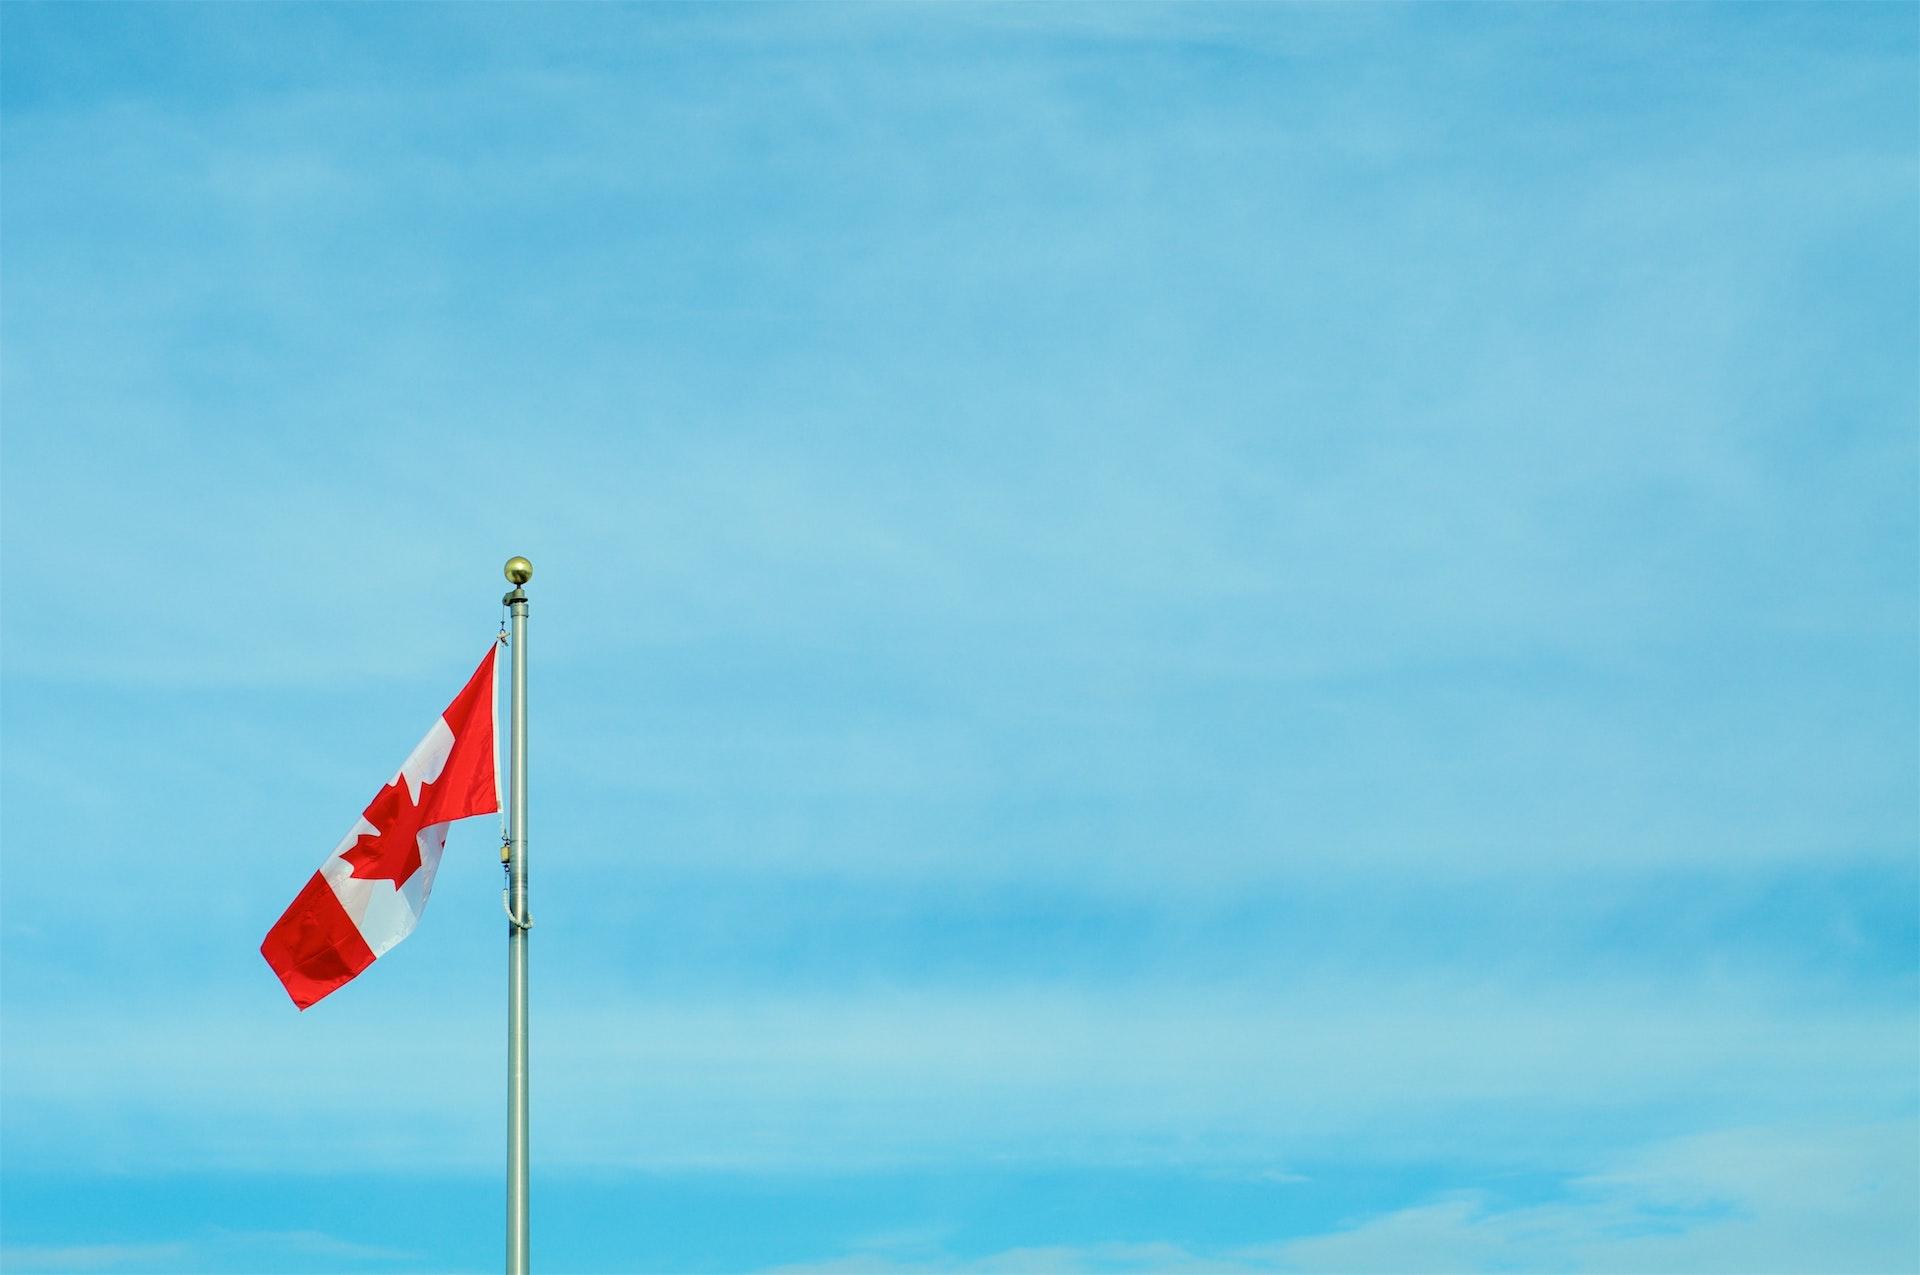 A Canadian flag